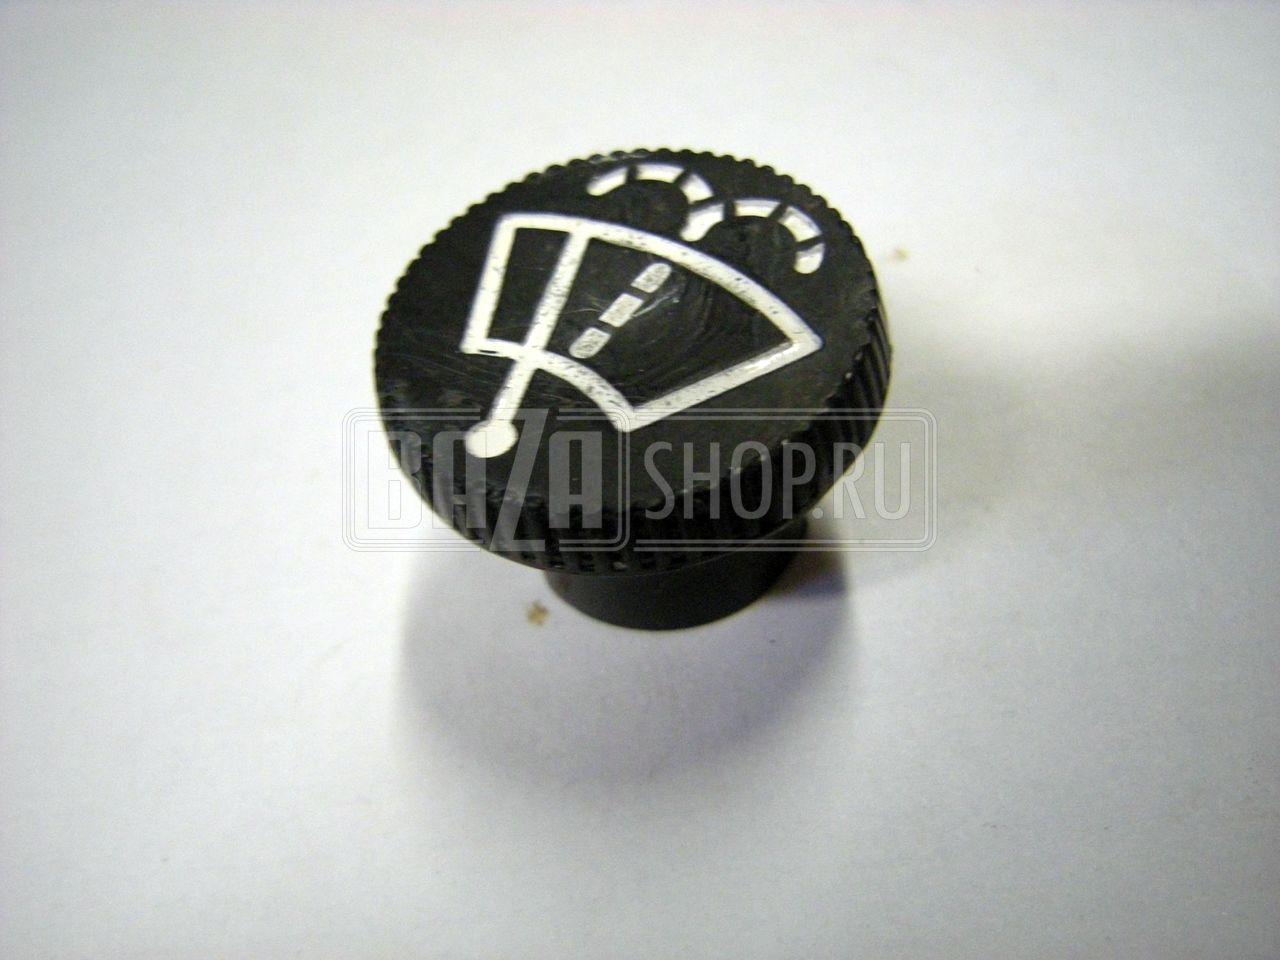 Ручка переключателя стеклоочистителя и омывателя УАЗ ** / 452-5205072-11.